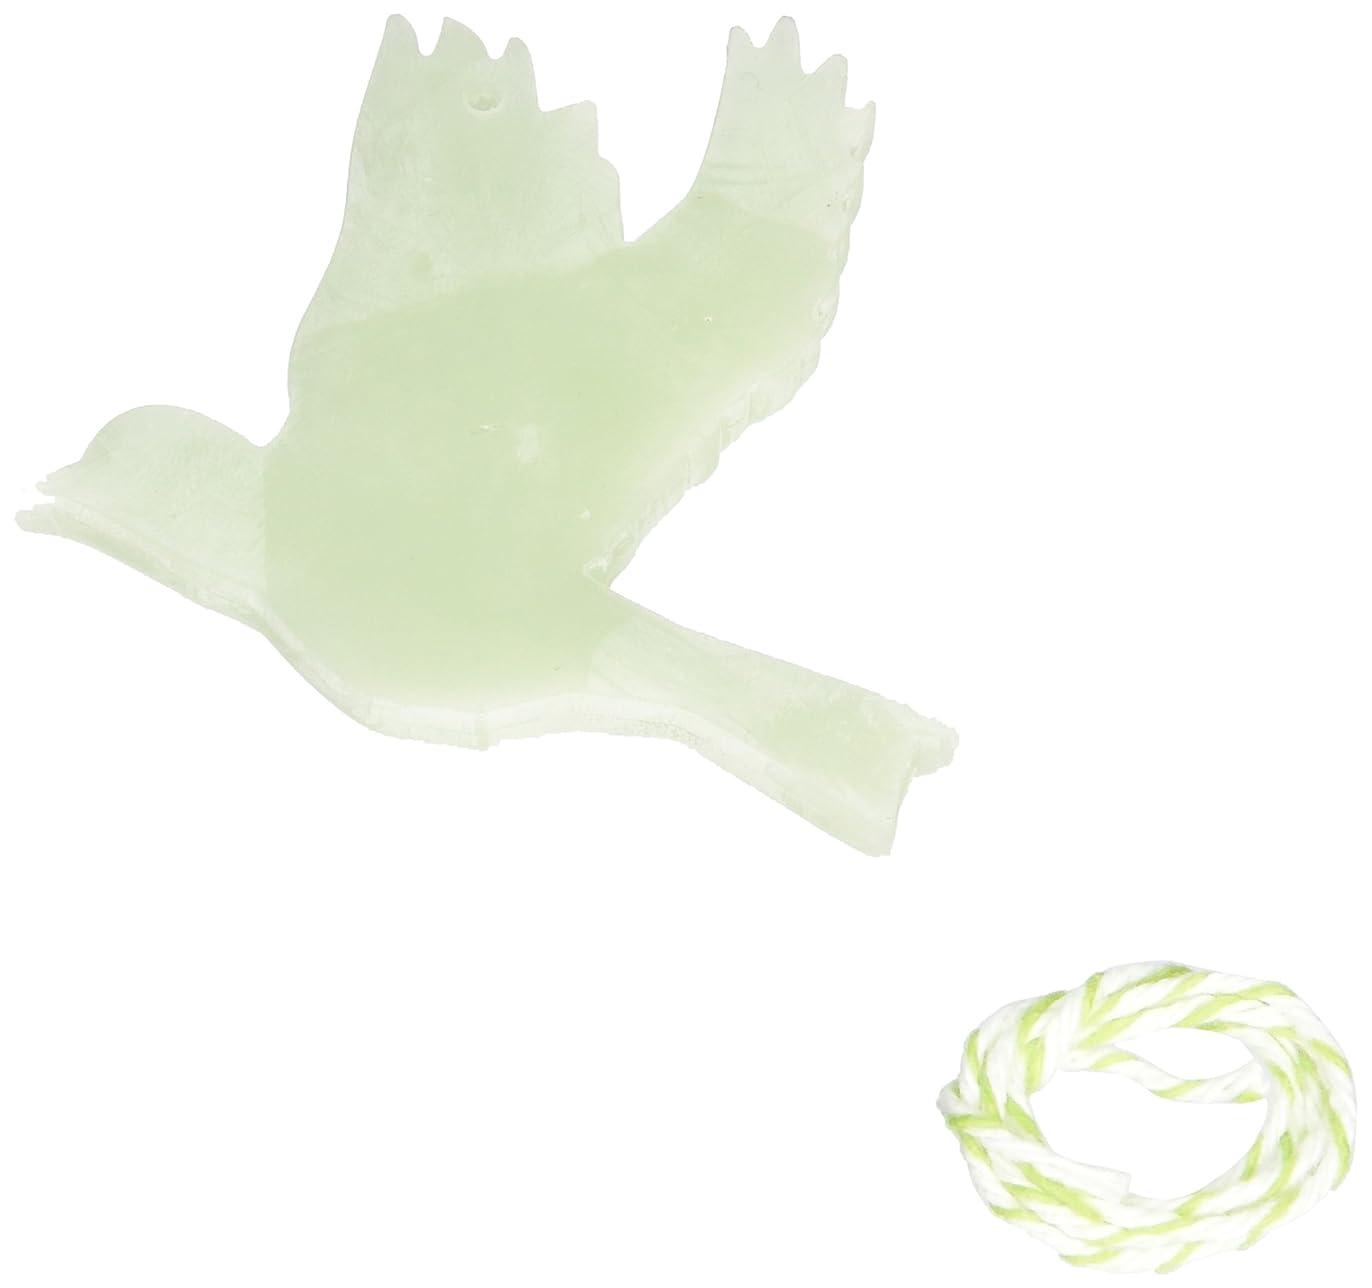 創傷豆数字GRASSE TOKYO AROMATICWAXチャーム「ハト」(GR) レモングラス アロマティックワックス グラーストウキョウ